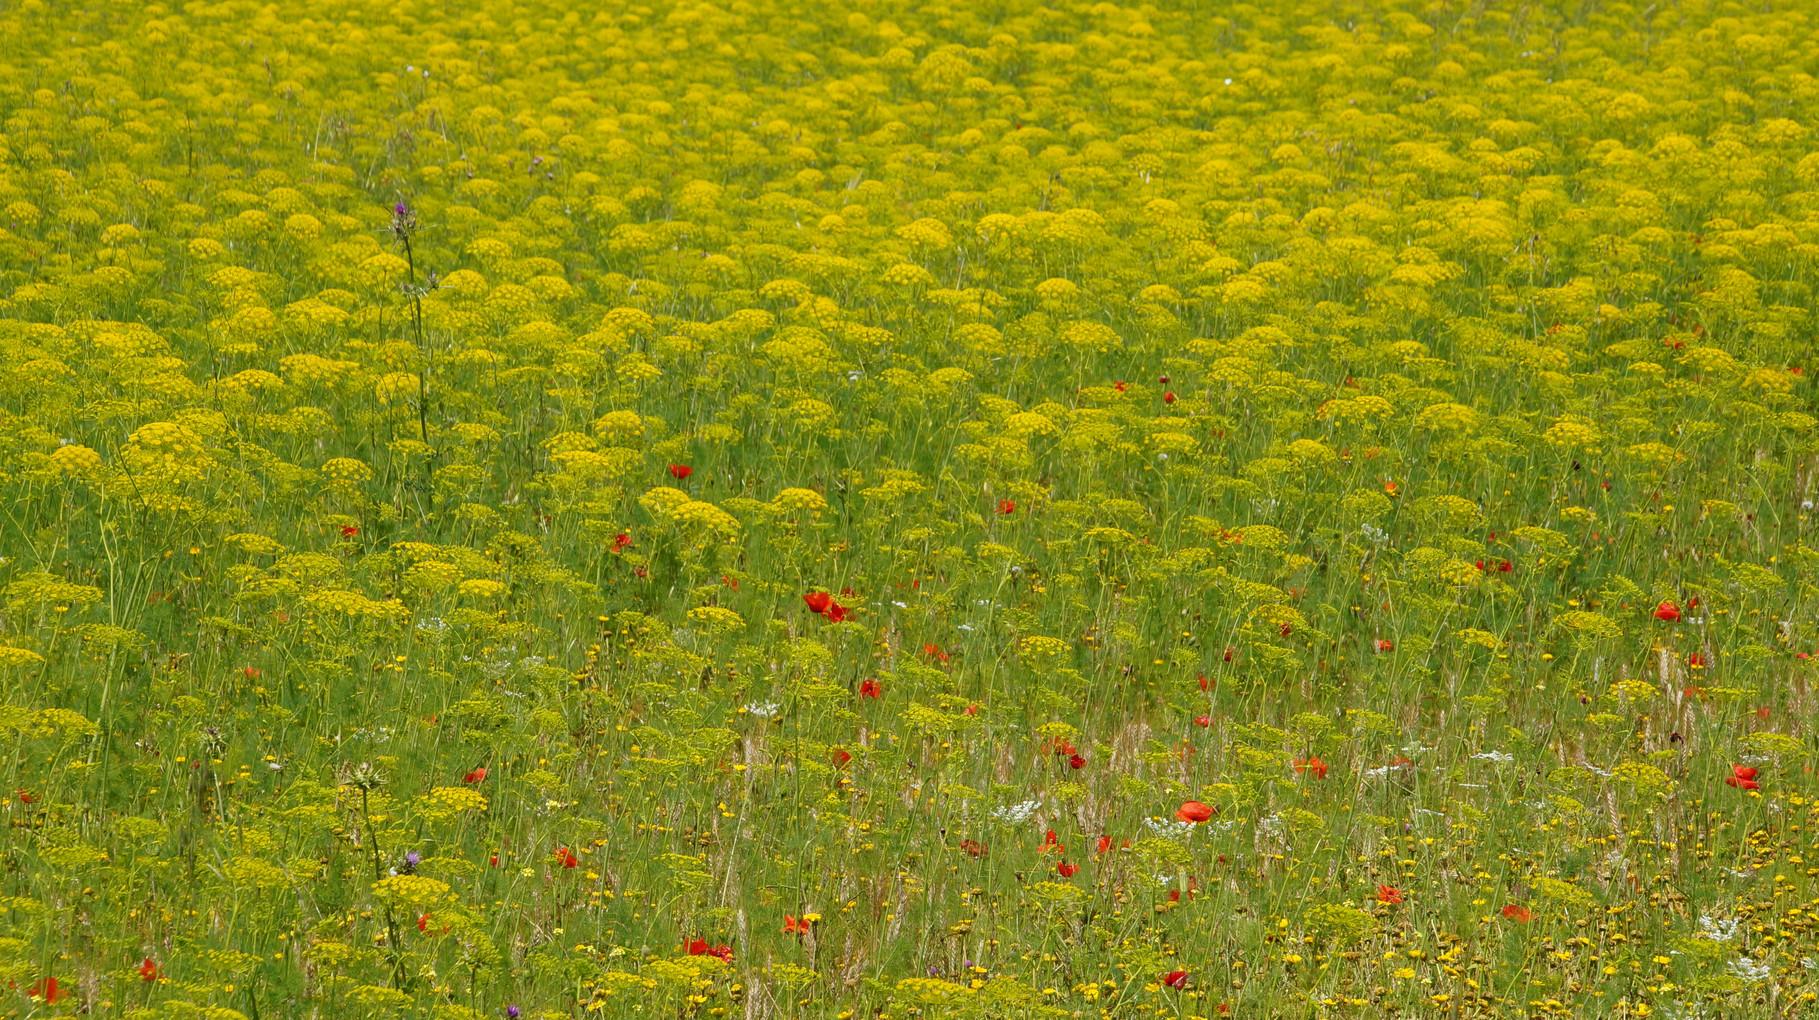 <B>Kräftige Farben und wärmende Sonnenstrahlen, damit kitzelt Andalusien alle Sinne wach.</B>